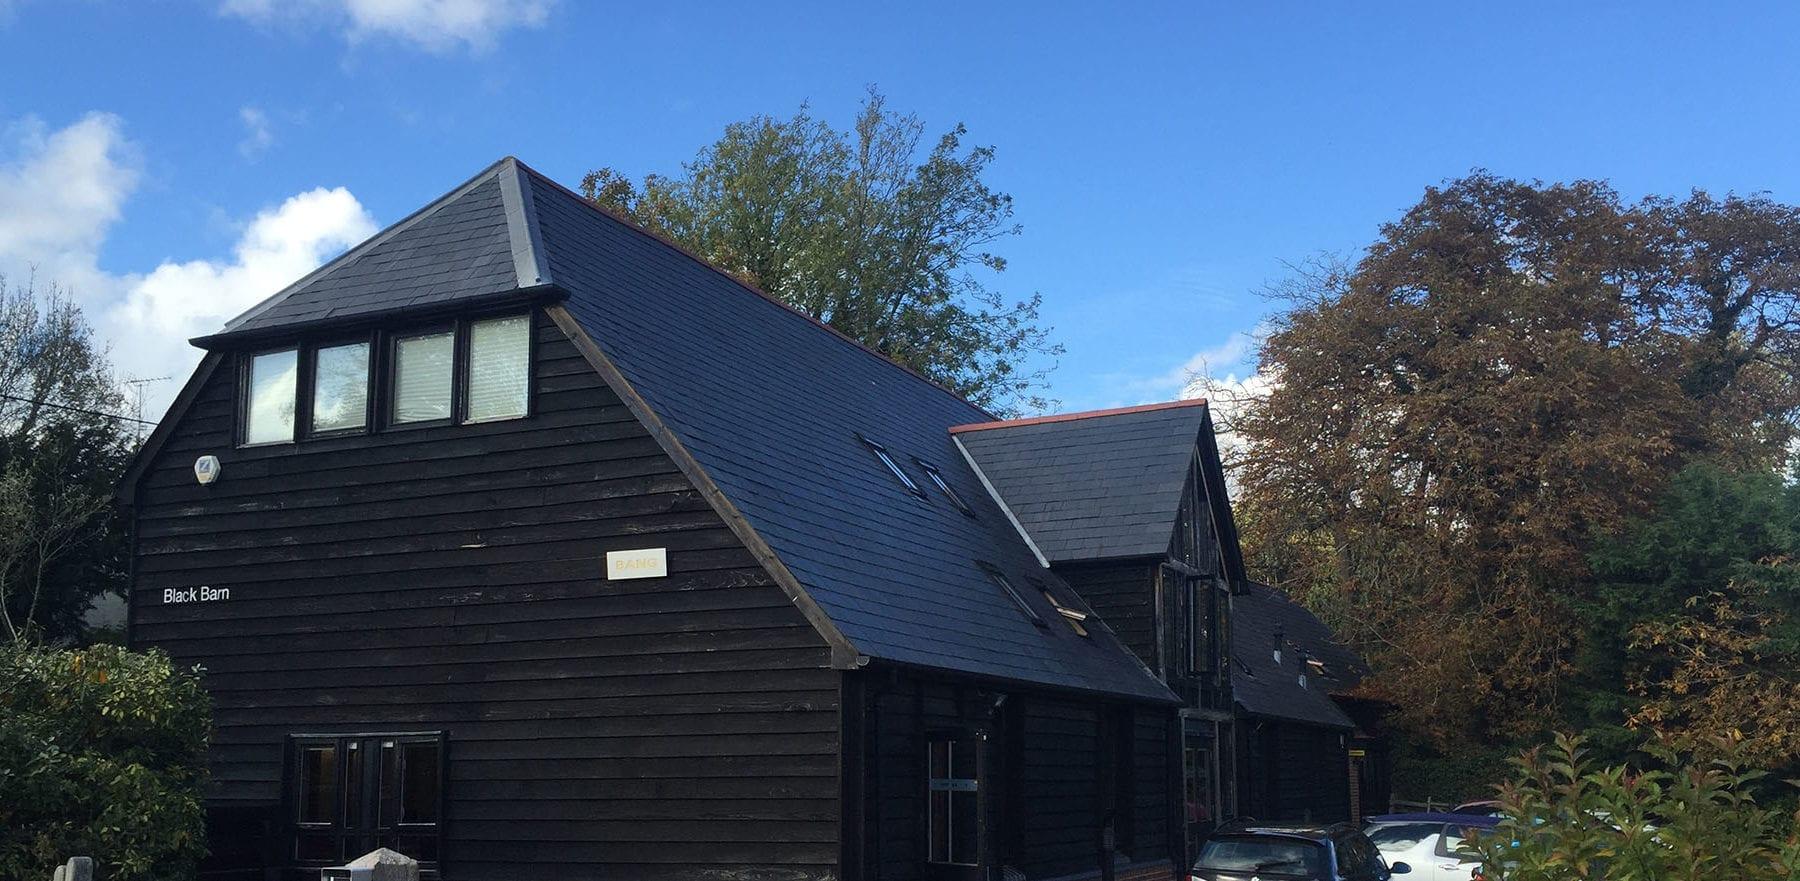 Lifestiles - Spanish Natural Slate Roof Tiles - Black Barn, England